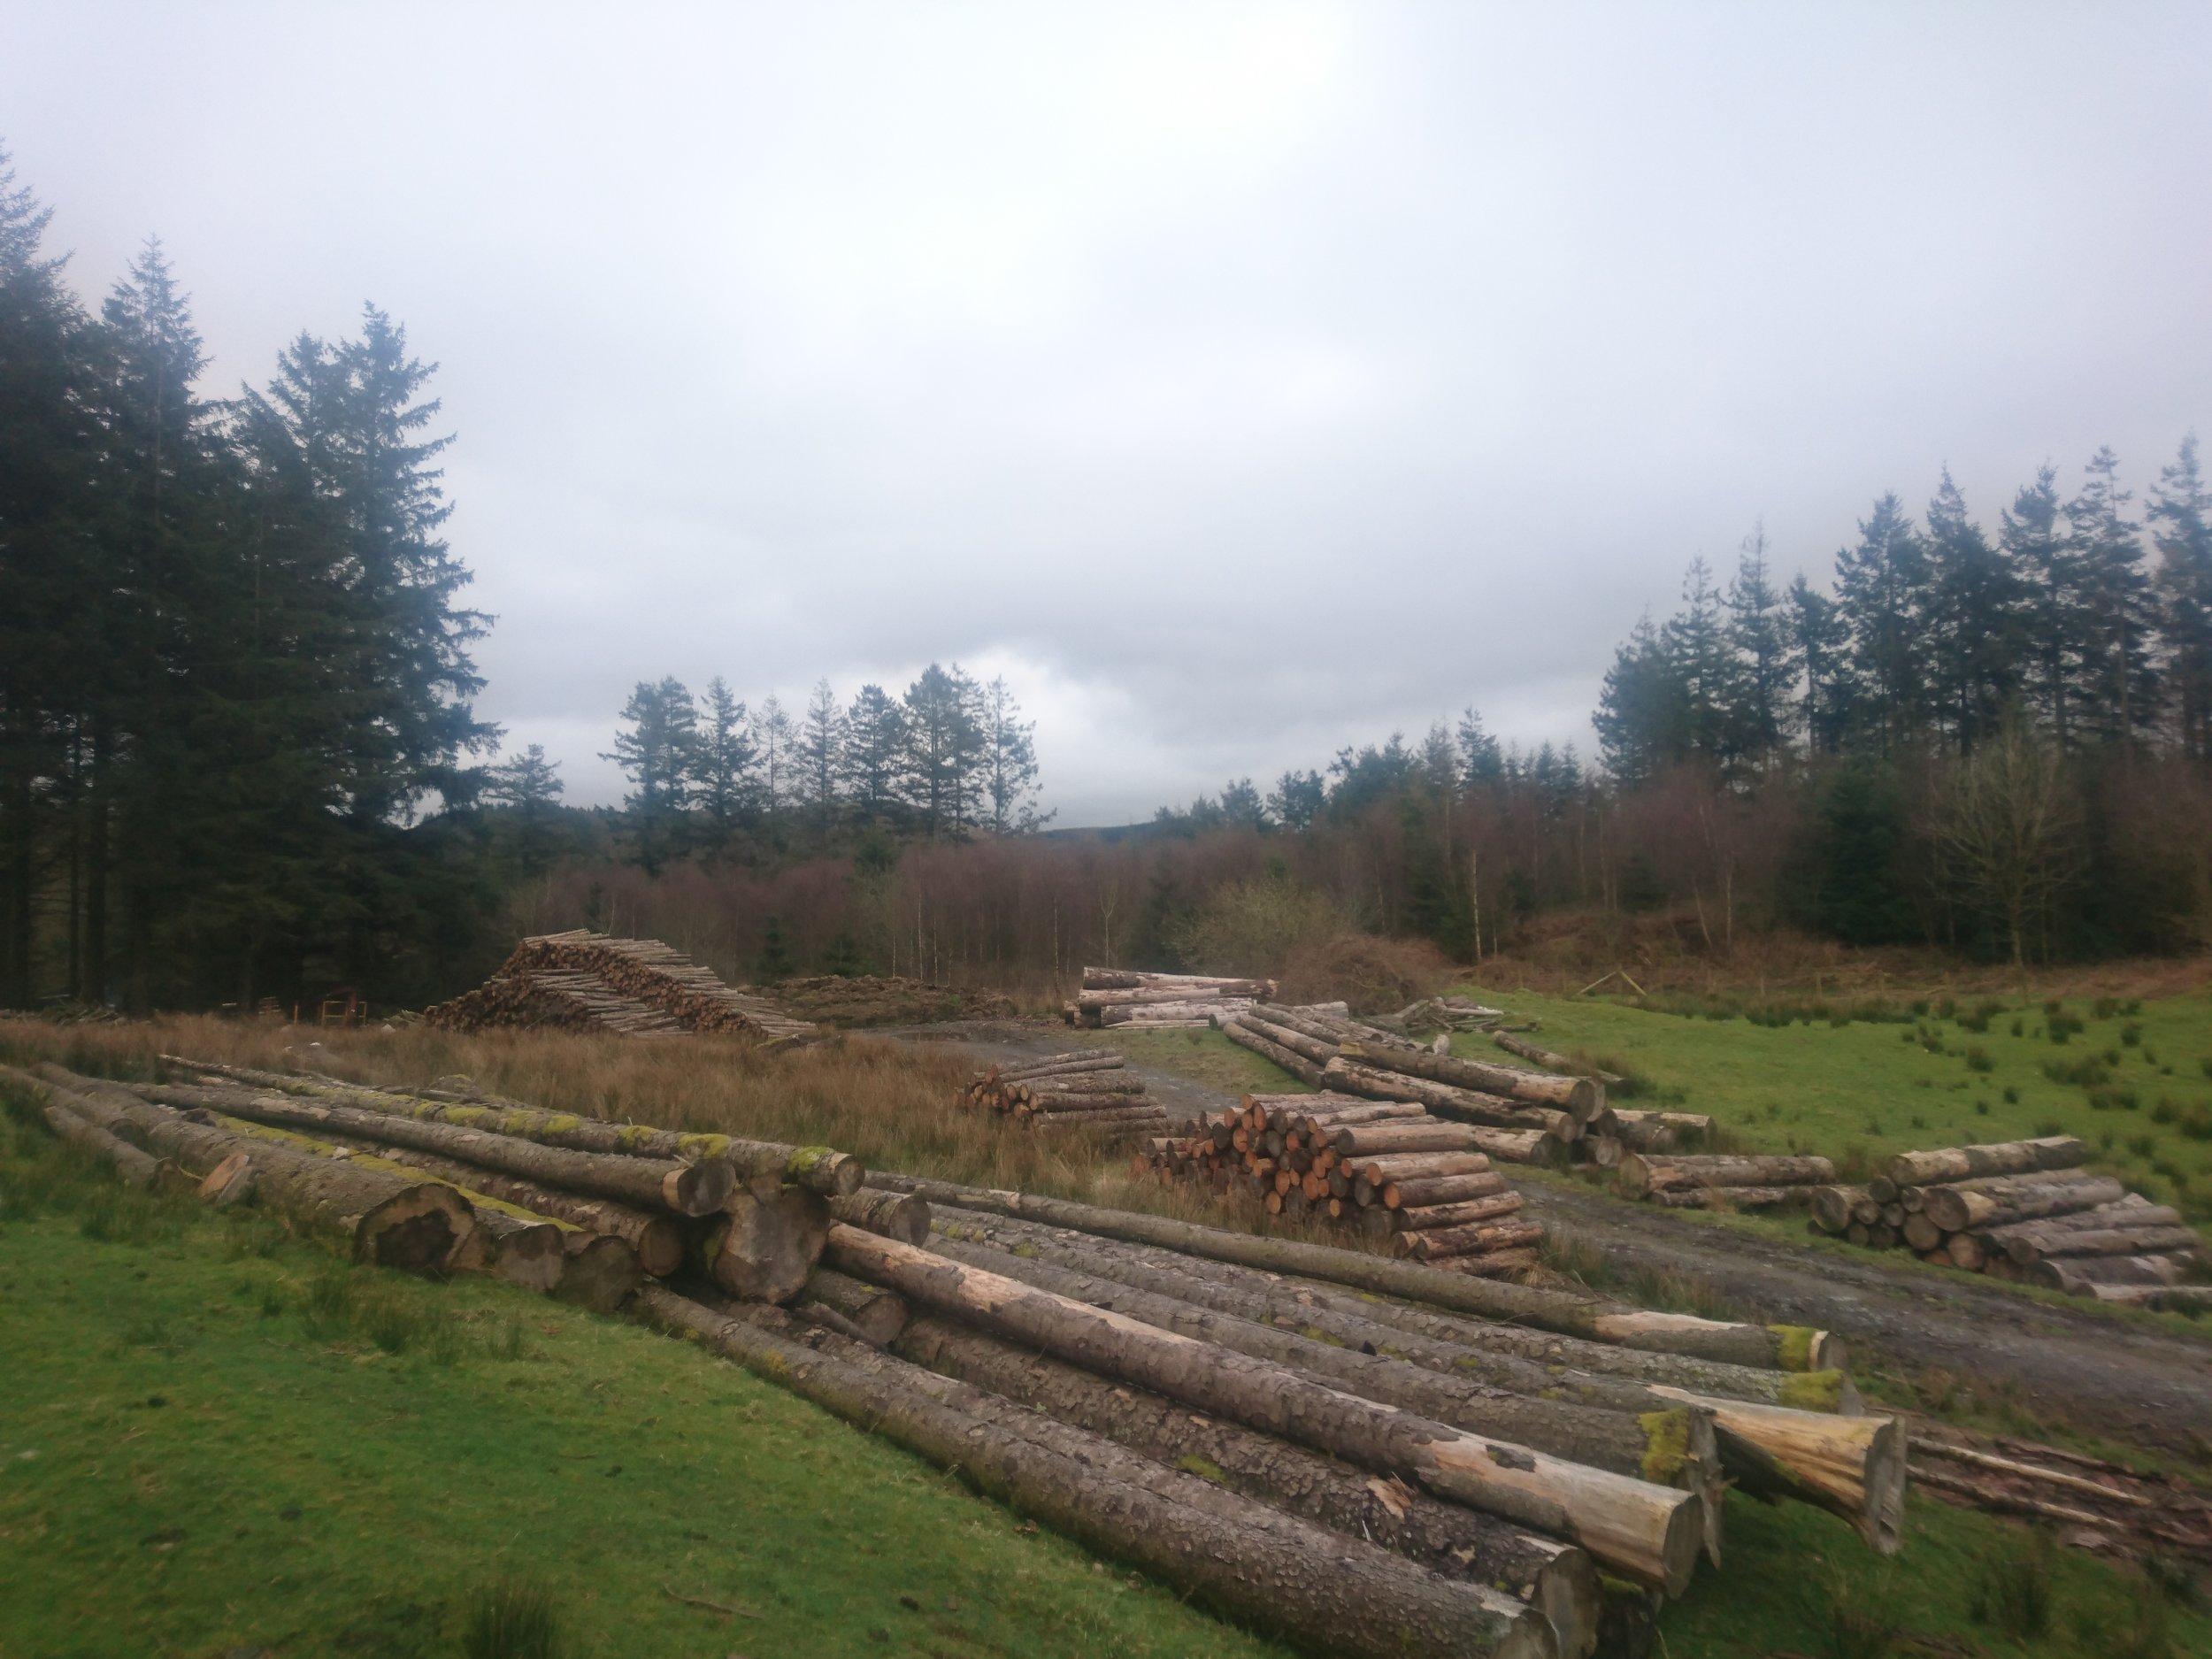 Timber in Yard